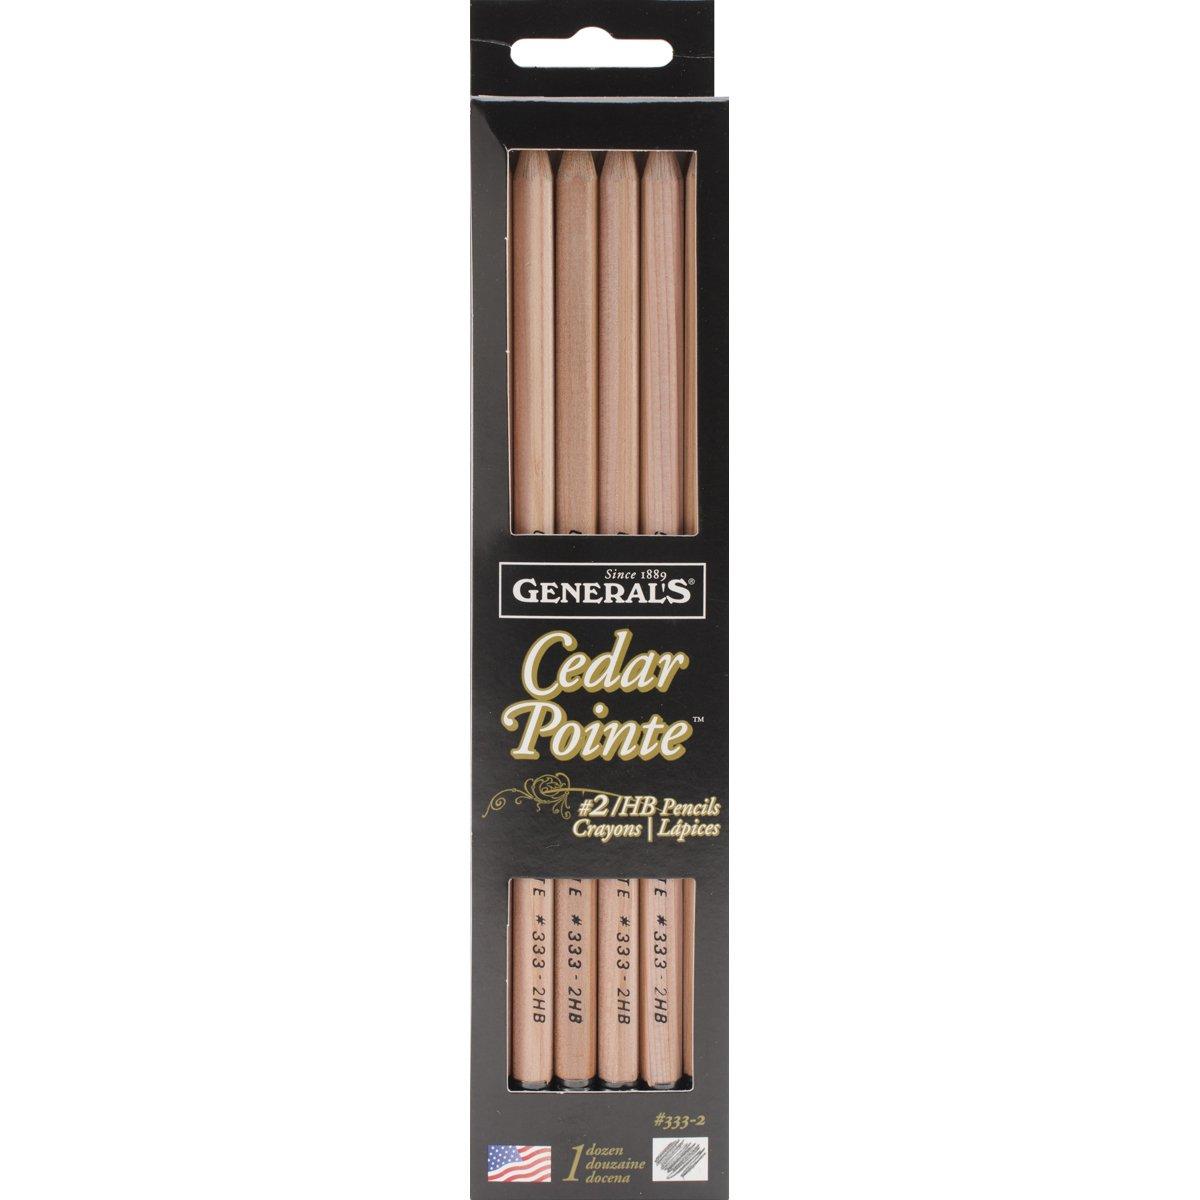 General Pencil Company Cedar Pointe No. 2 Pencil (ANG333-2)], 12-pack